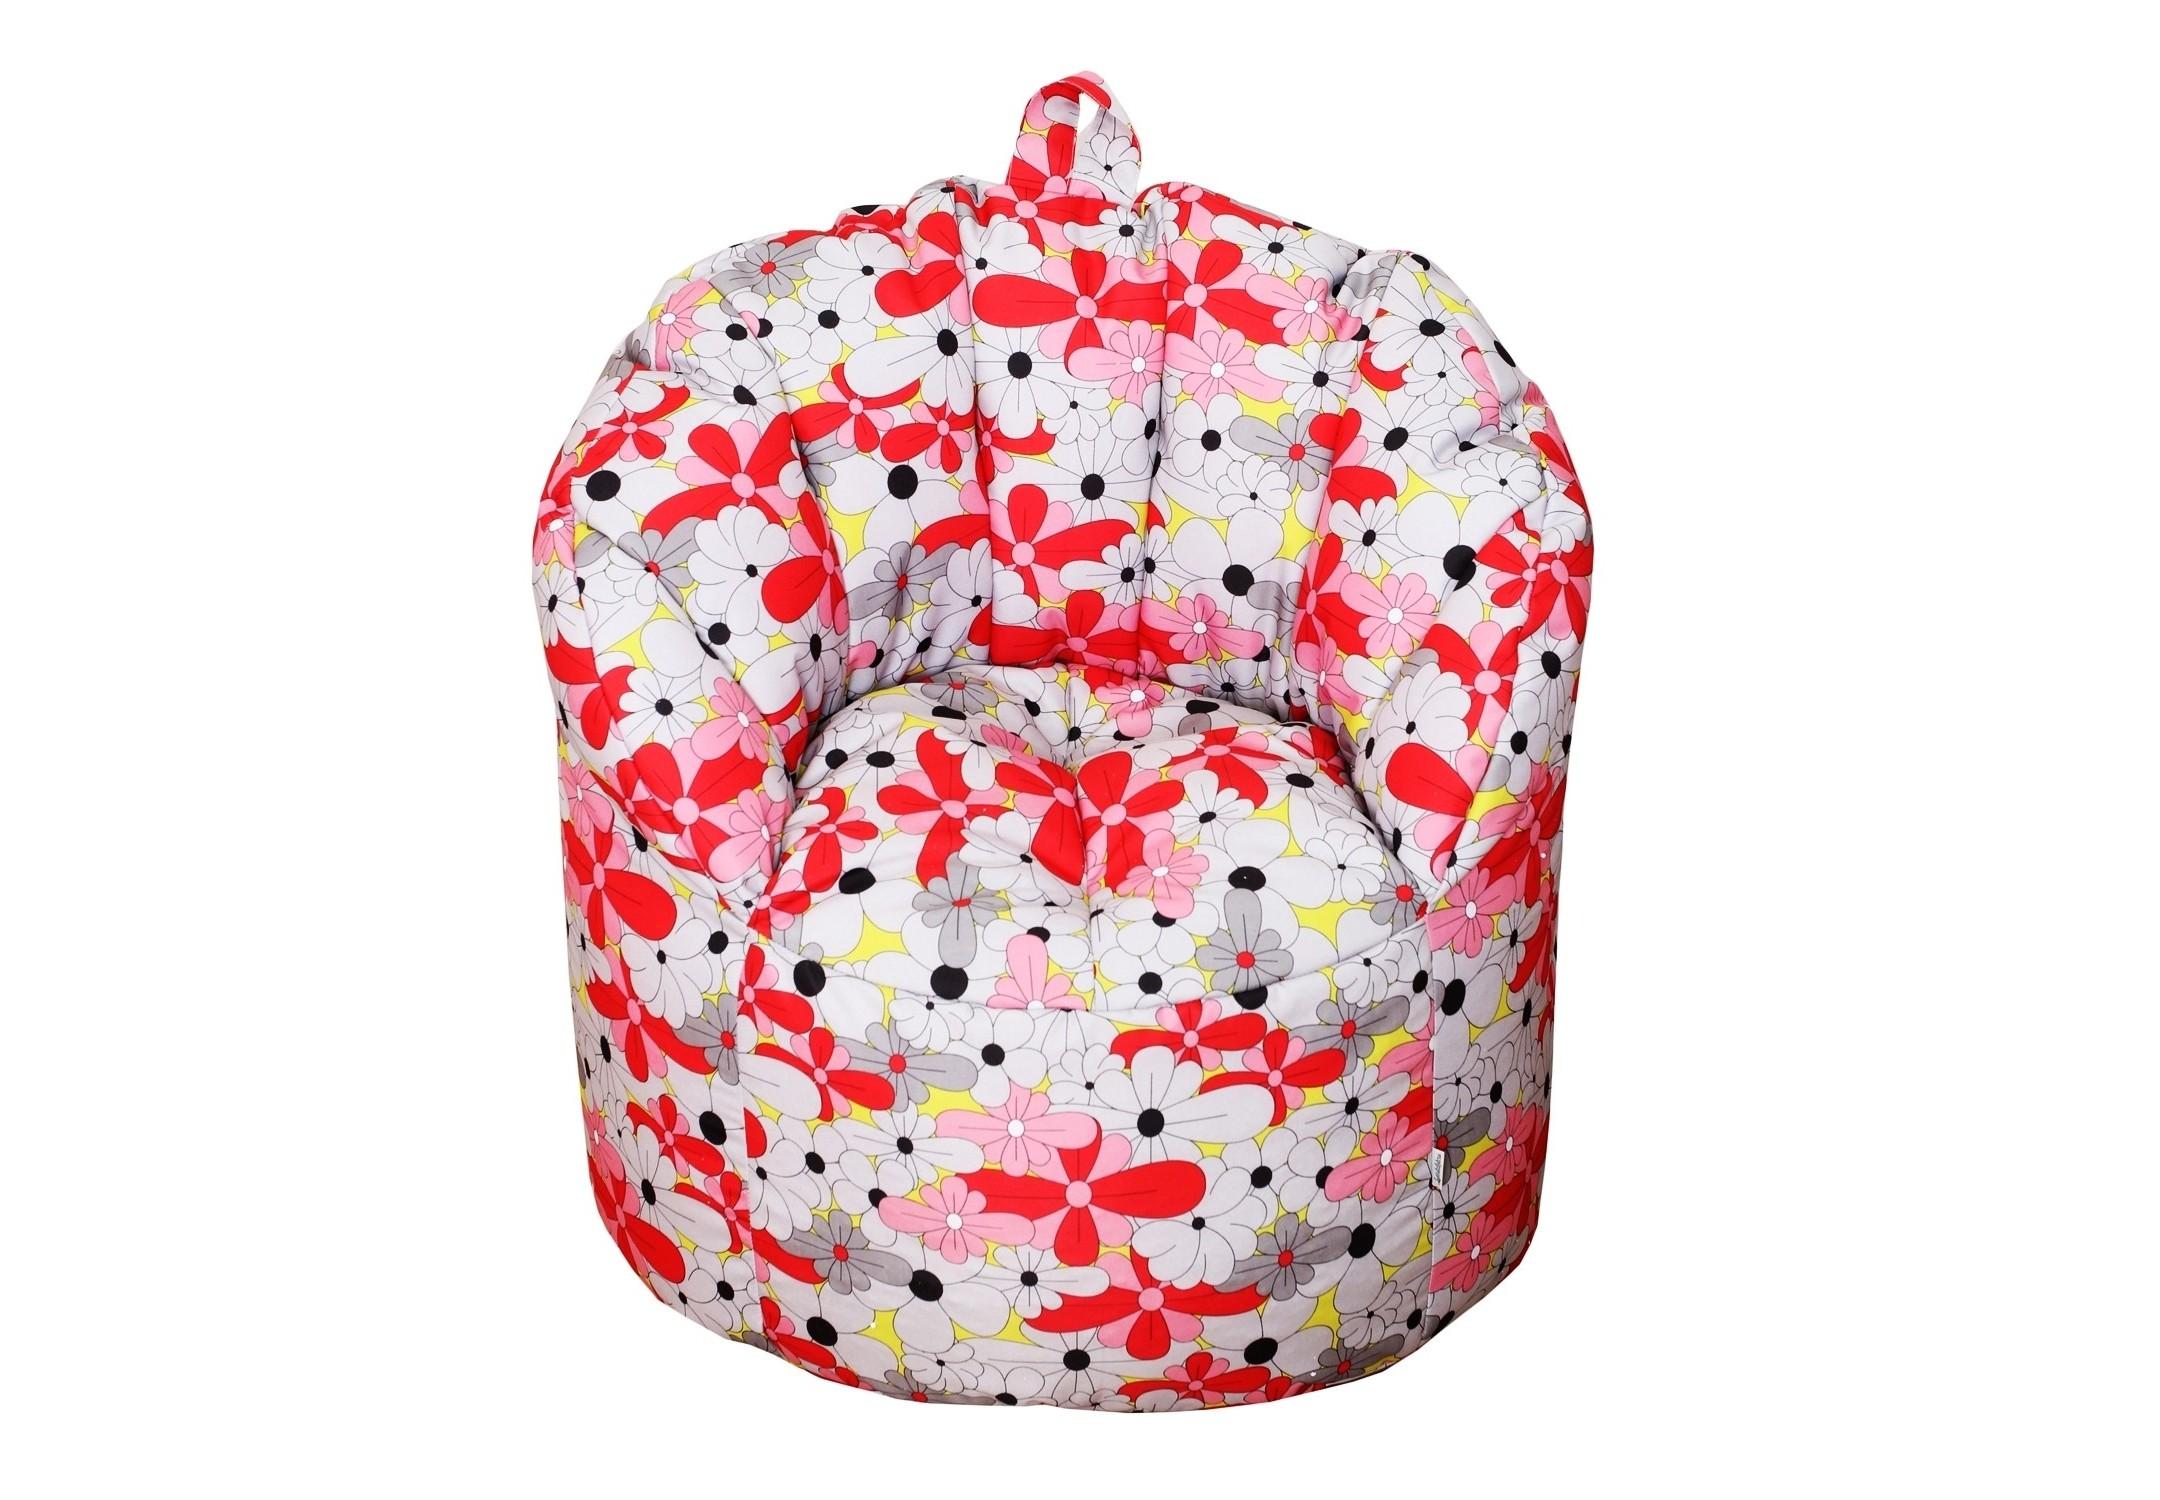 Уличное кресло- пуф BloomФорменные пуфы<br>Комфортное кресло-пуф станет неотьемлемой частью вашего дома. Спинка кресла держит форму и обеспечивает круговую поддержку для спины за счет особой системы пошива и подбоя из синтепона. Кресло имеет 2 независимых отсека для наполнителя. Эксклюзивная водонепроницаемая  ткань отлично оталкивает грязь и легко чистится. Кресло подойдет для дизайна интерьера беседок, веранд и внутренних дворов.<br><br>Material: Текстиль<br>Length см: None<br>Width см: 85<br>Depth см: 91<br>Height см: 79